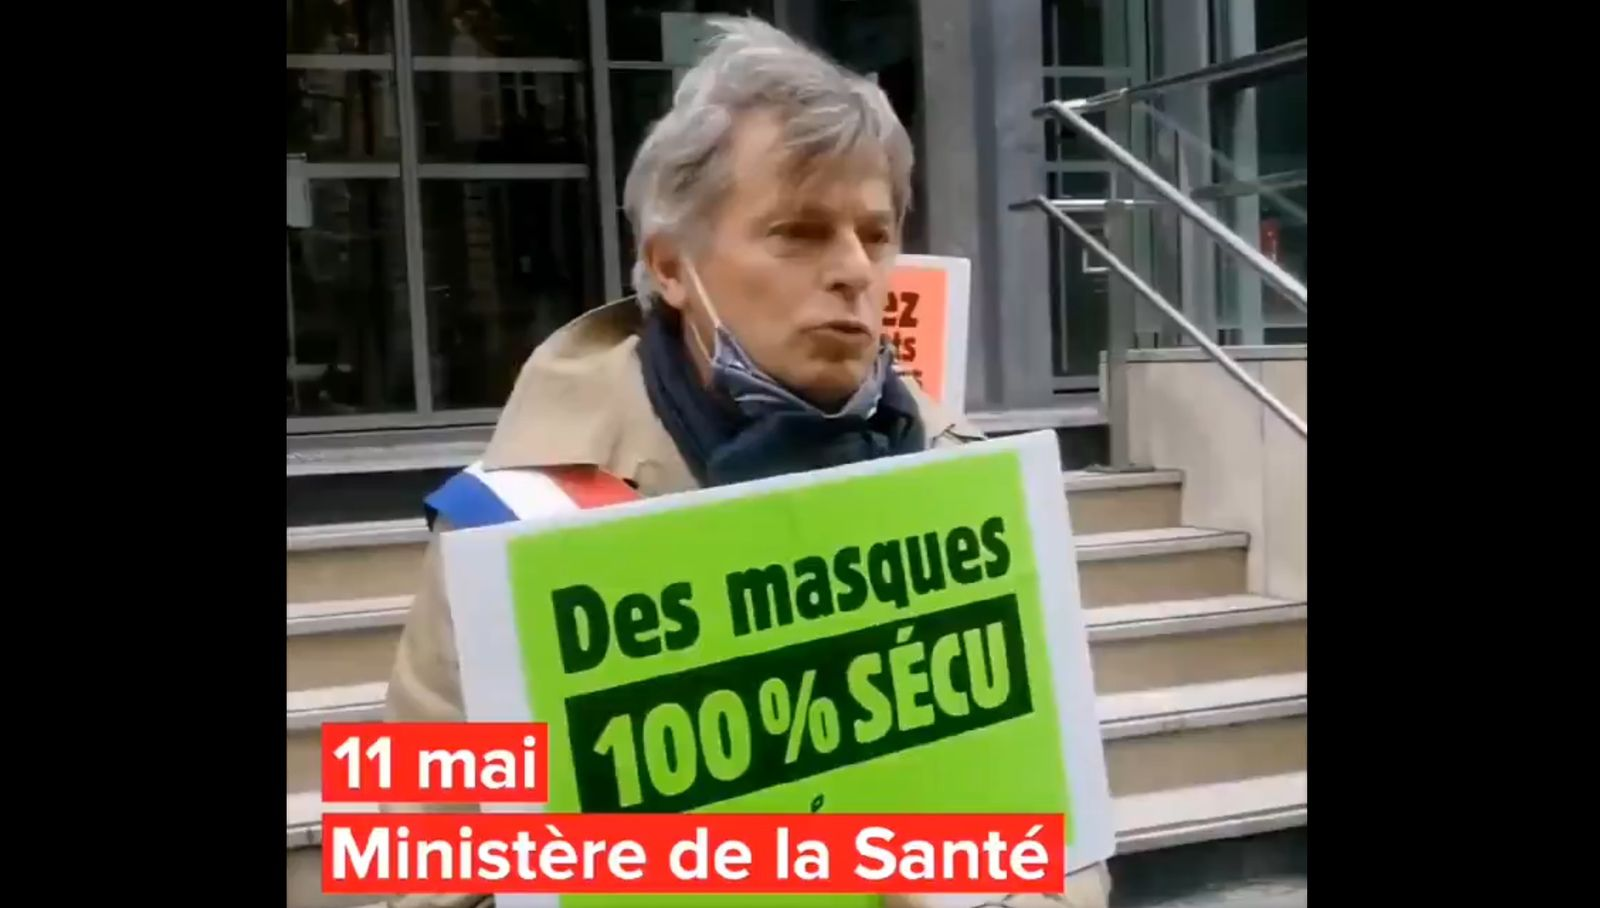 Le PCF demande au Ministre Véran la gratuité des masques et leur prise en charge à 100%